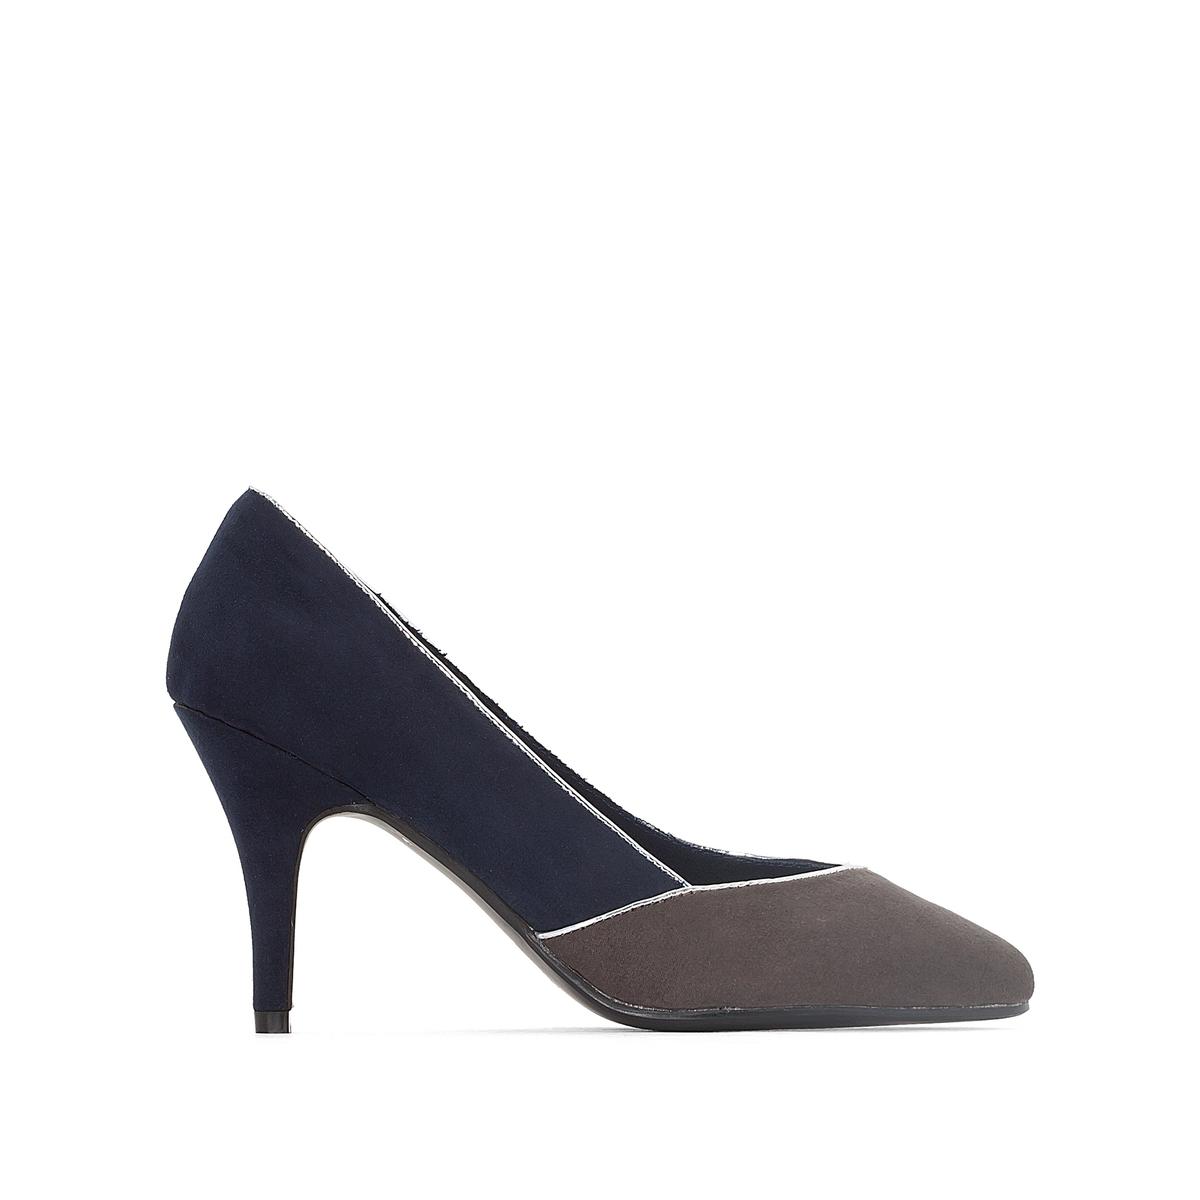 Туфли на каблукеДетали   •  Каблук-шпилька •  Высота каблука : 8,5 см •  Застежка : без застежки •  Заостренный мысок •  Велюровая отделка, нубукСостав и уход   •  Верх 100% синтетический материал •  Подкладка 100% хлопок<br><br>Цвет: темно-синий,черный